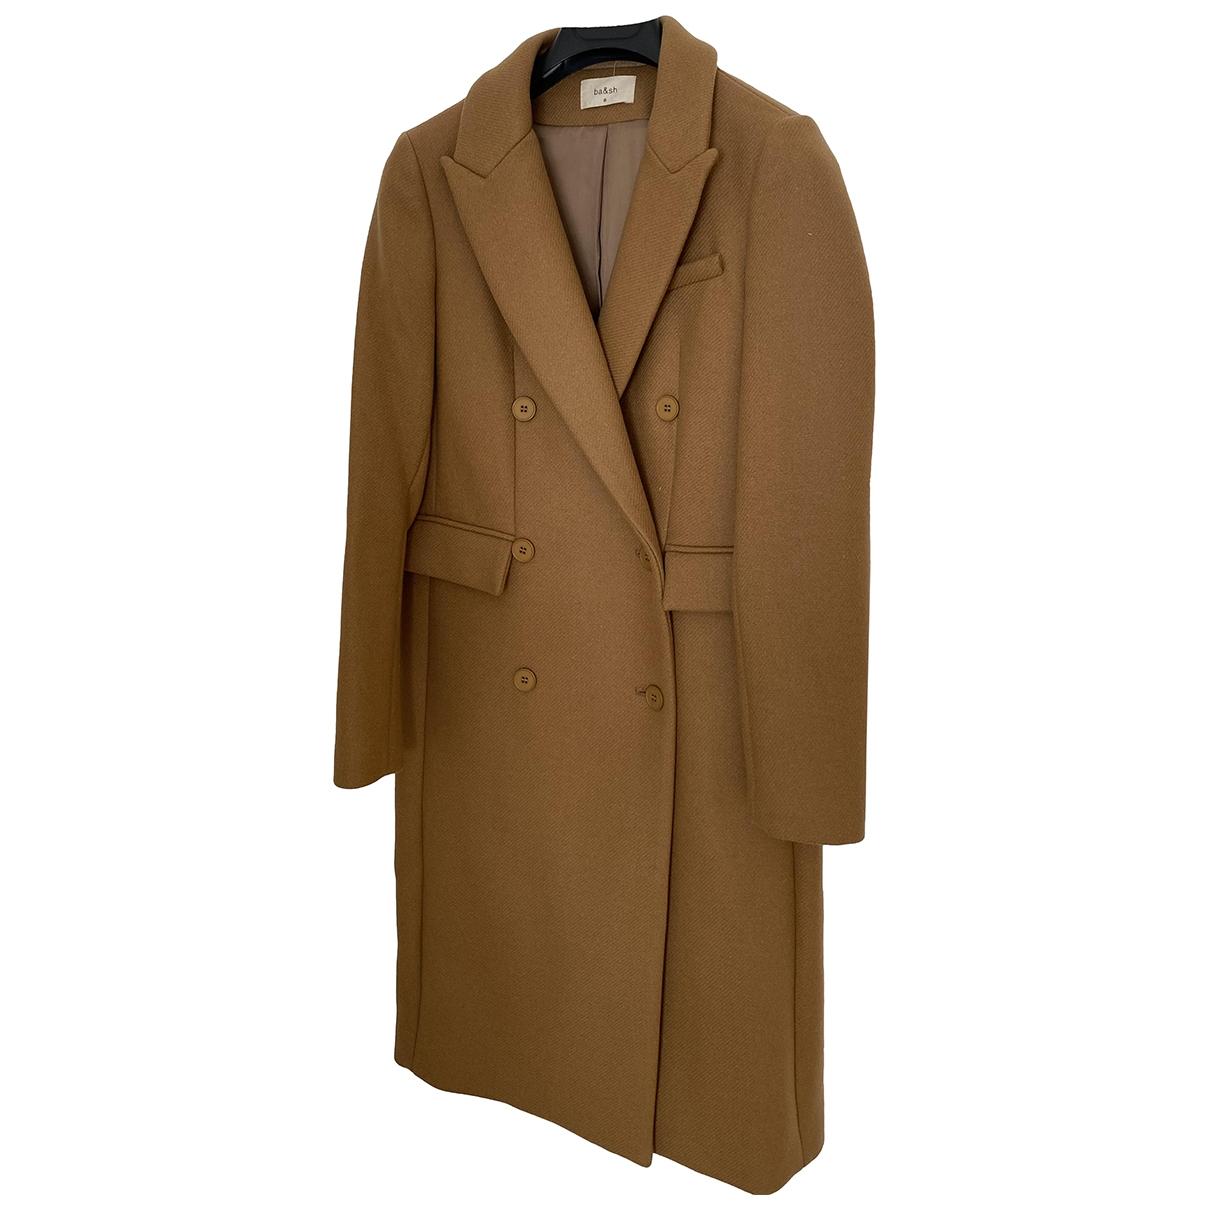 Ba&sh \N Beige Wool coat for Women 0 0-5